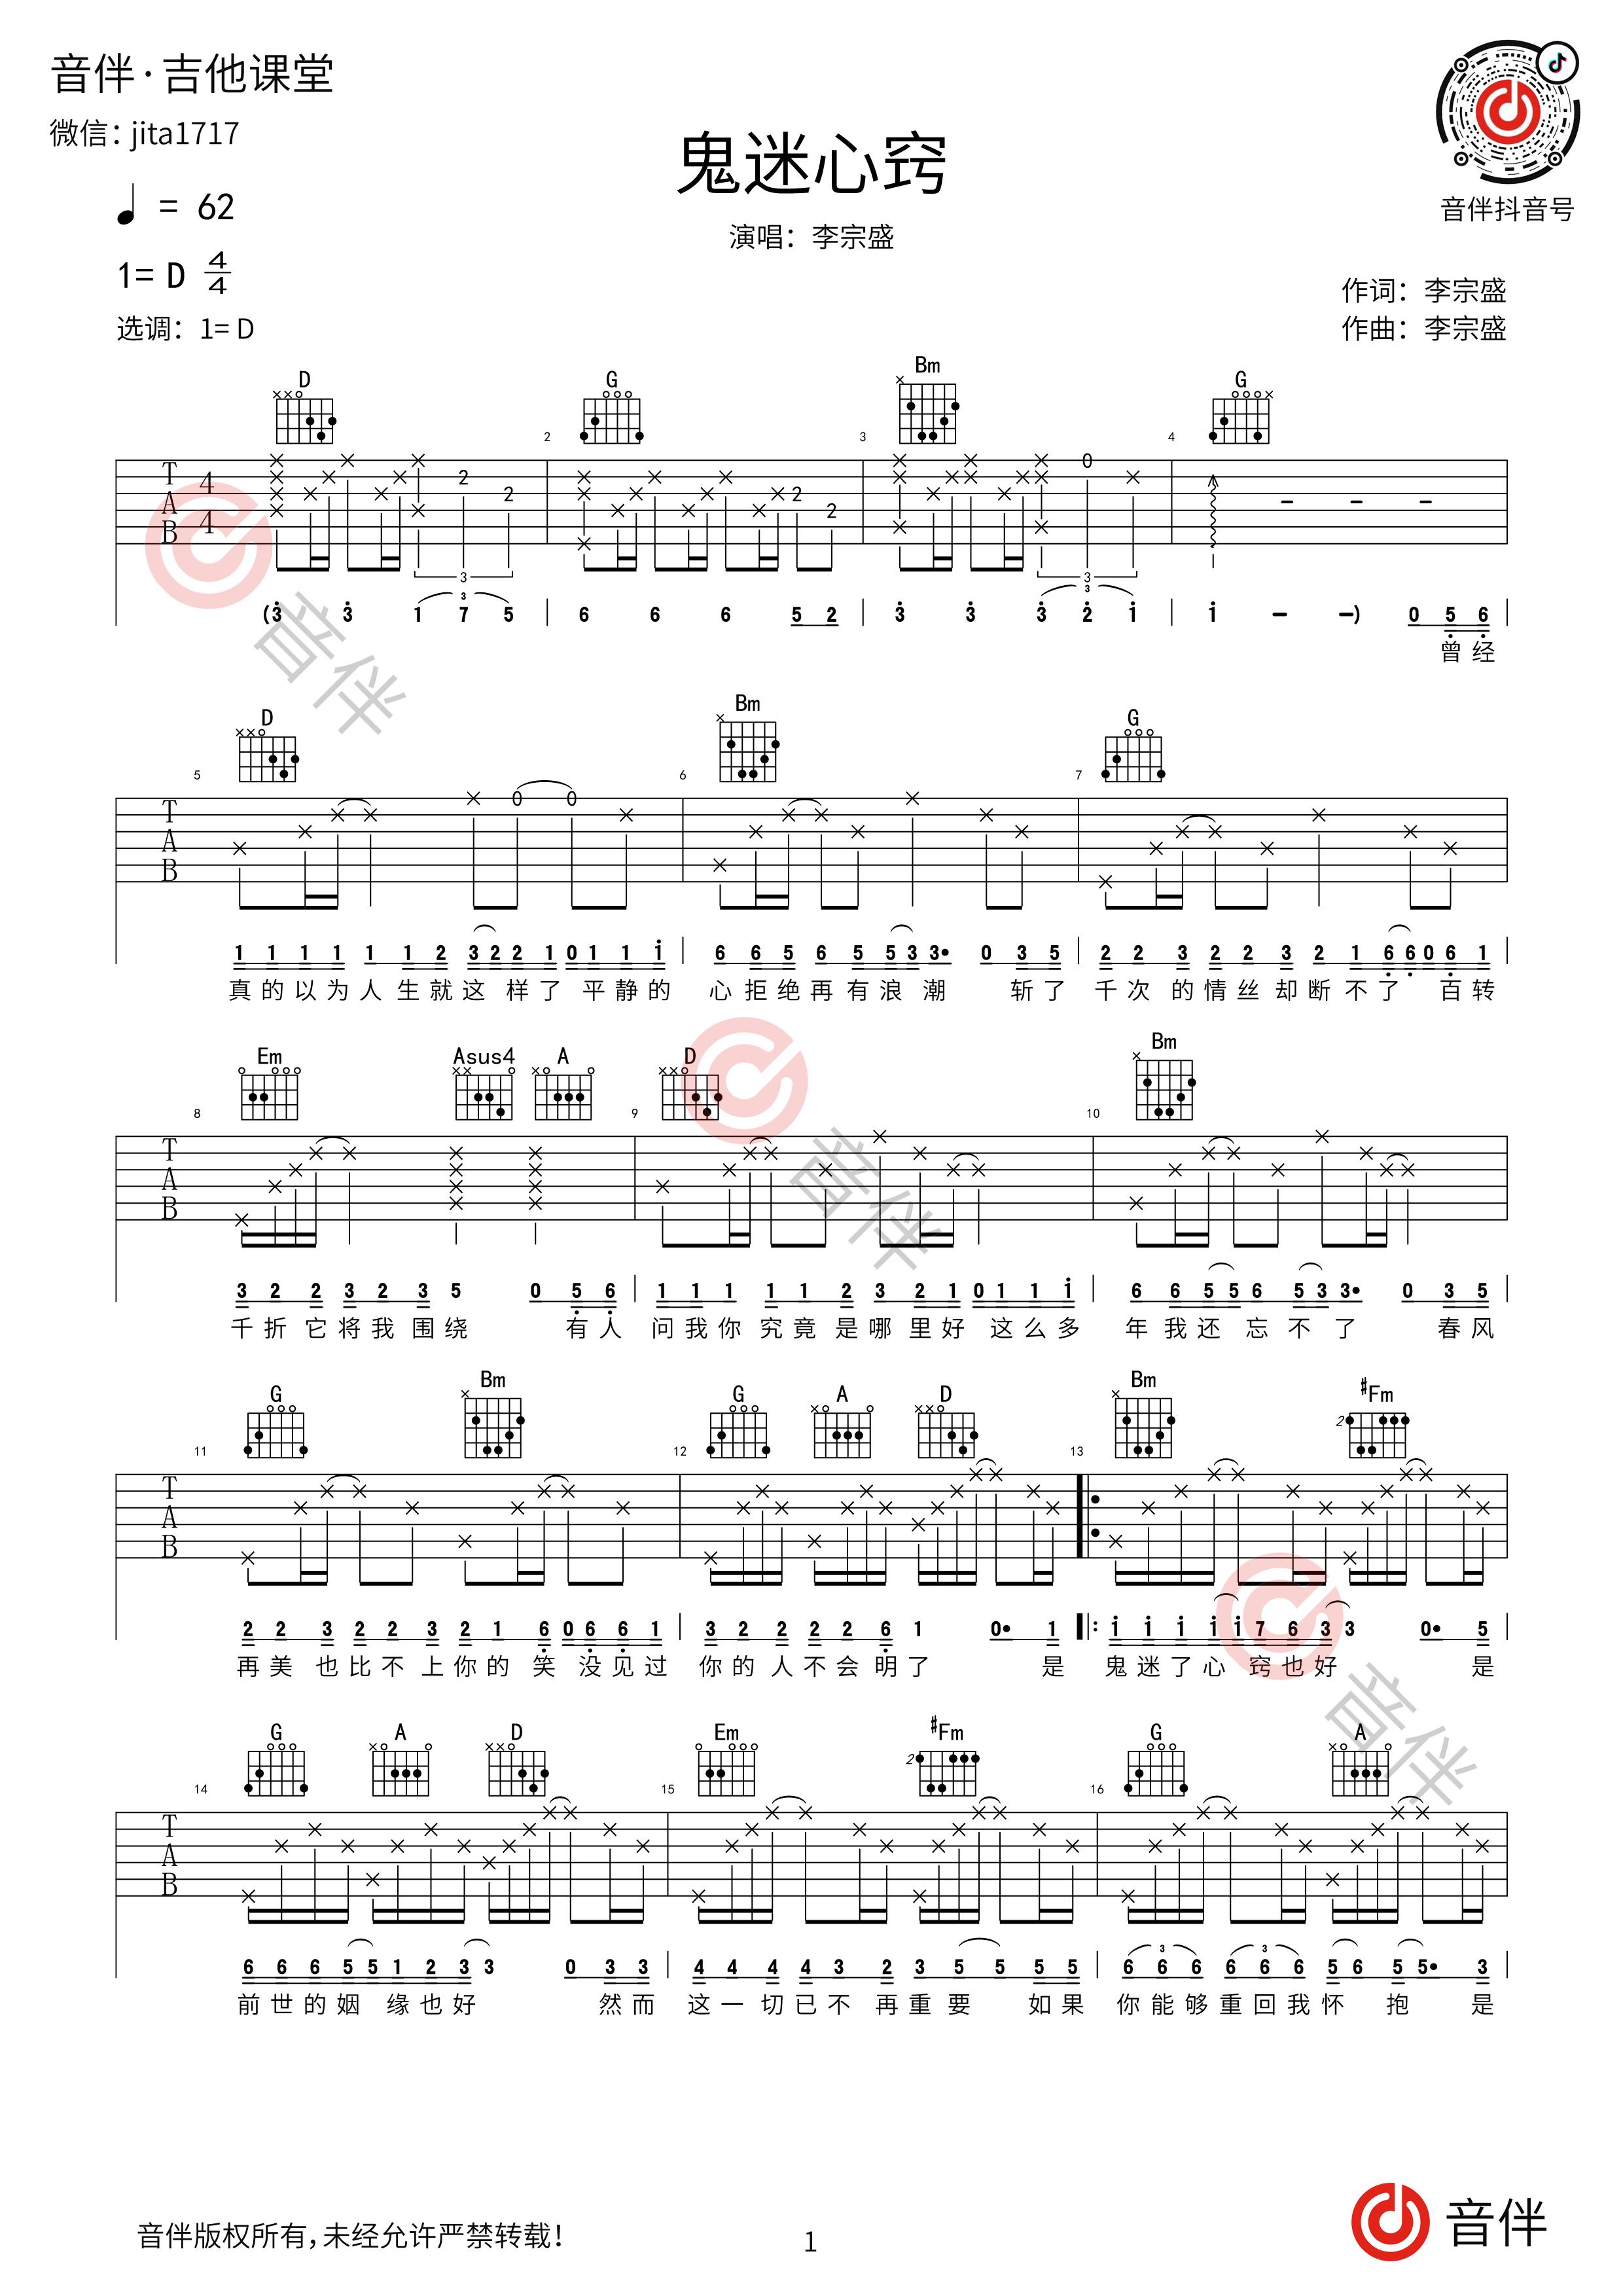 鬼迷心窍吉他谱1